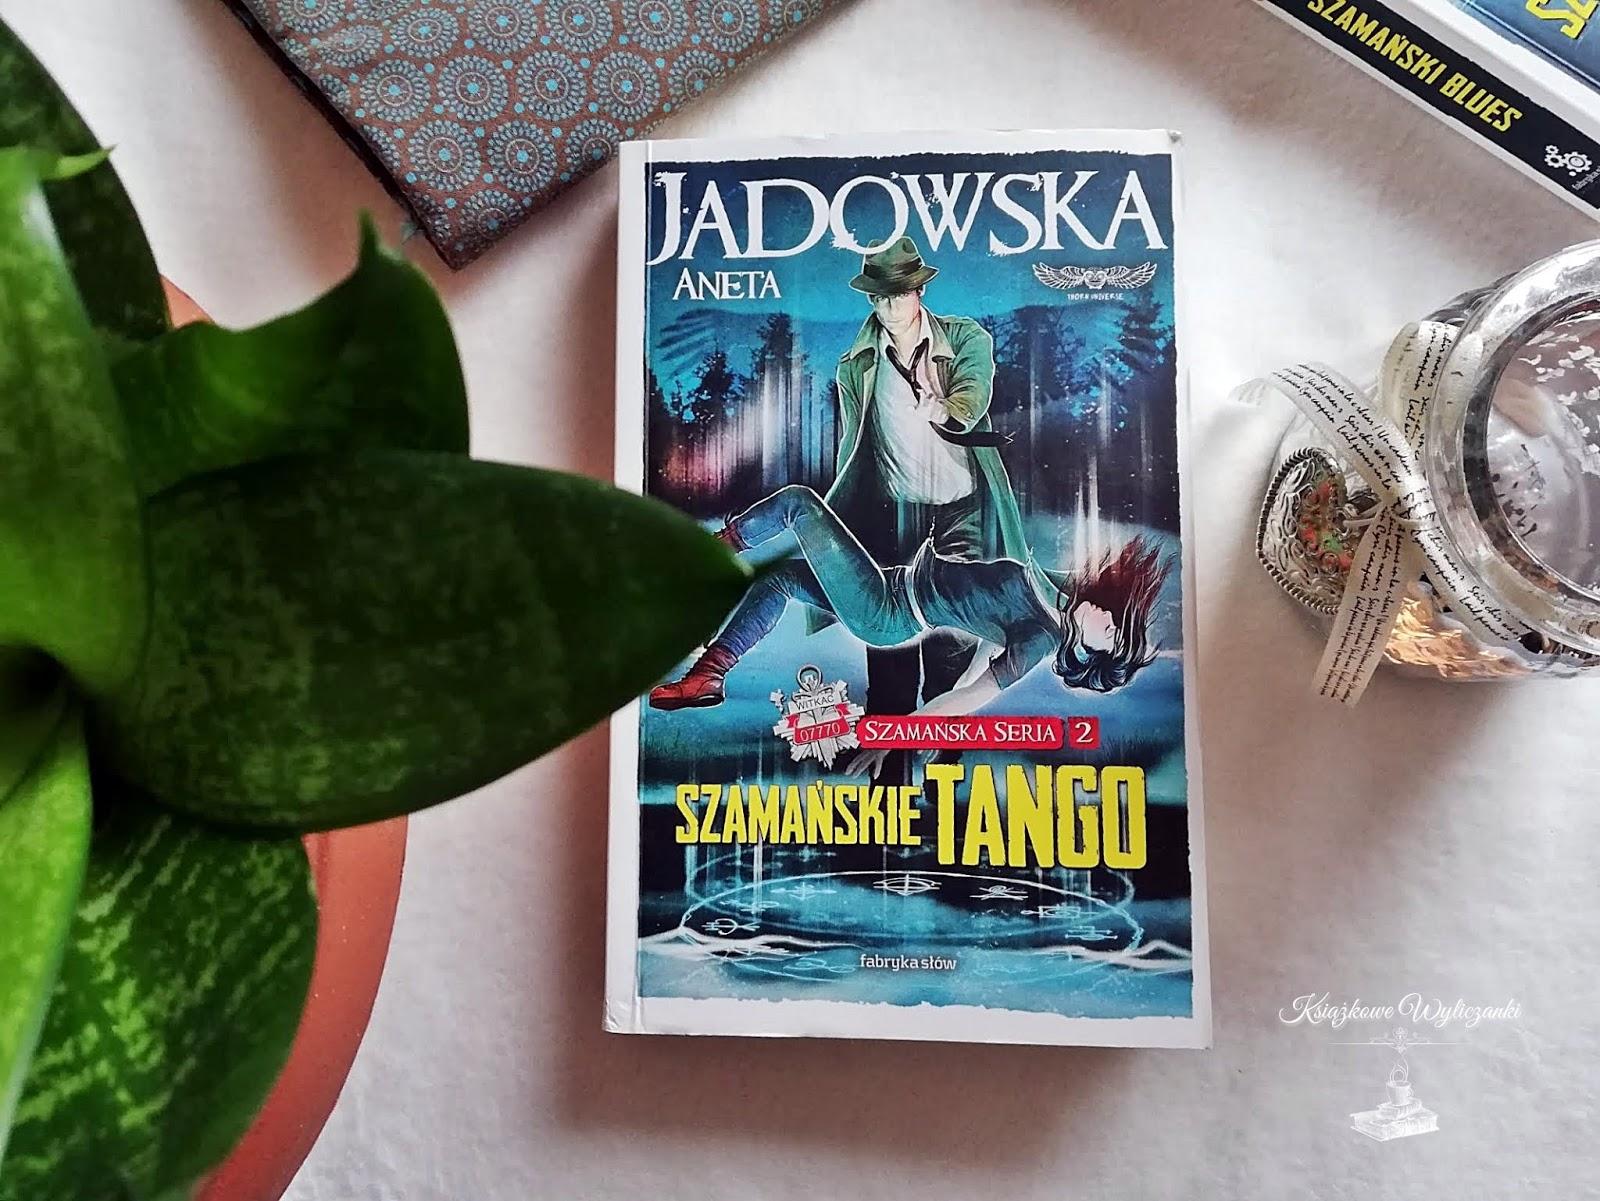 """Jak wygląda """"Szamańskie tango"""" Aneta Jadowska"""